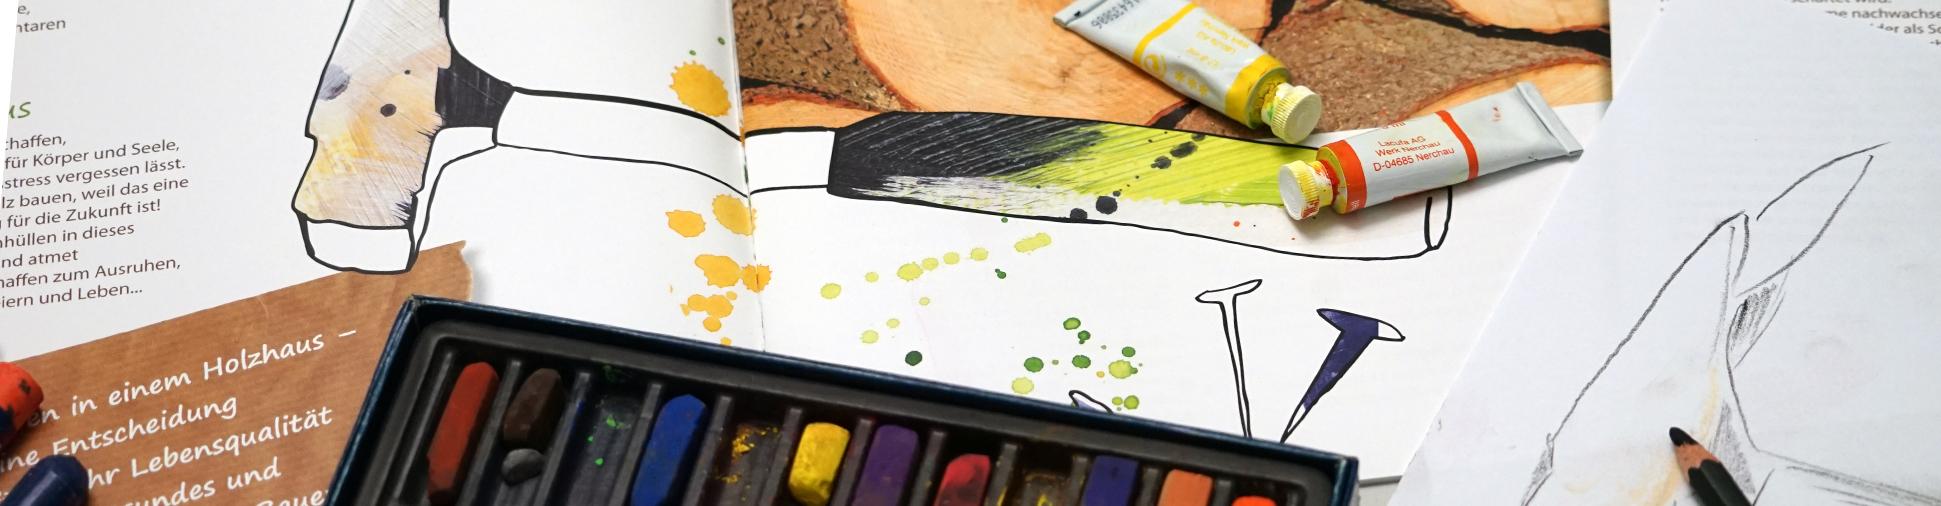 Werbeagentur in Büren erstellt Illustrationen und Logos